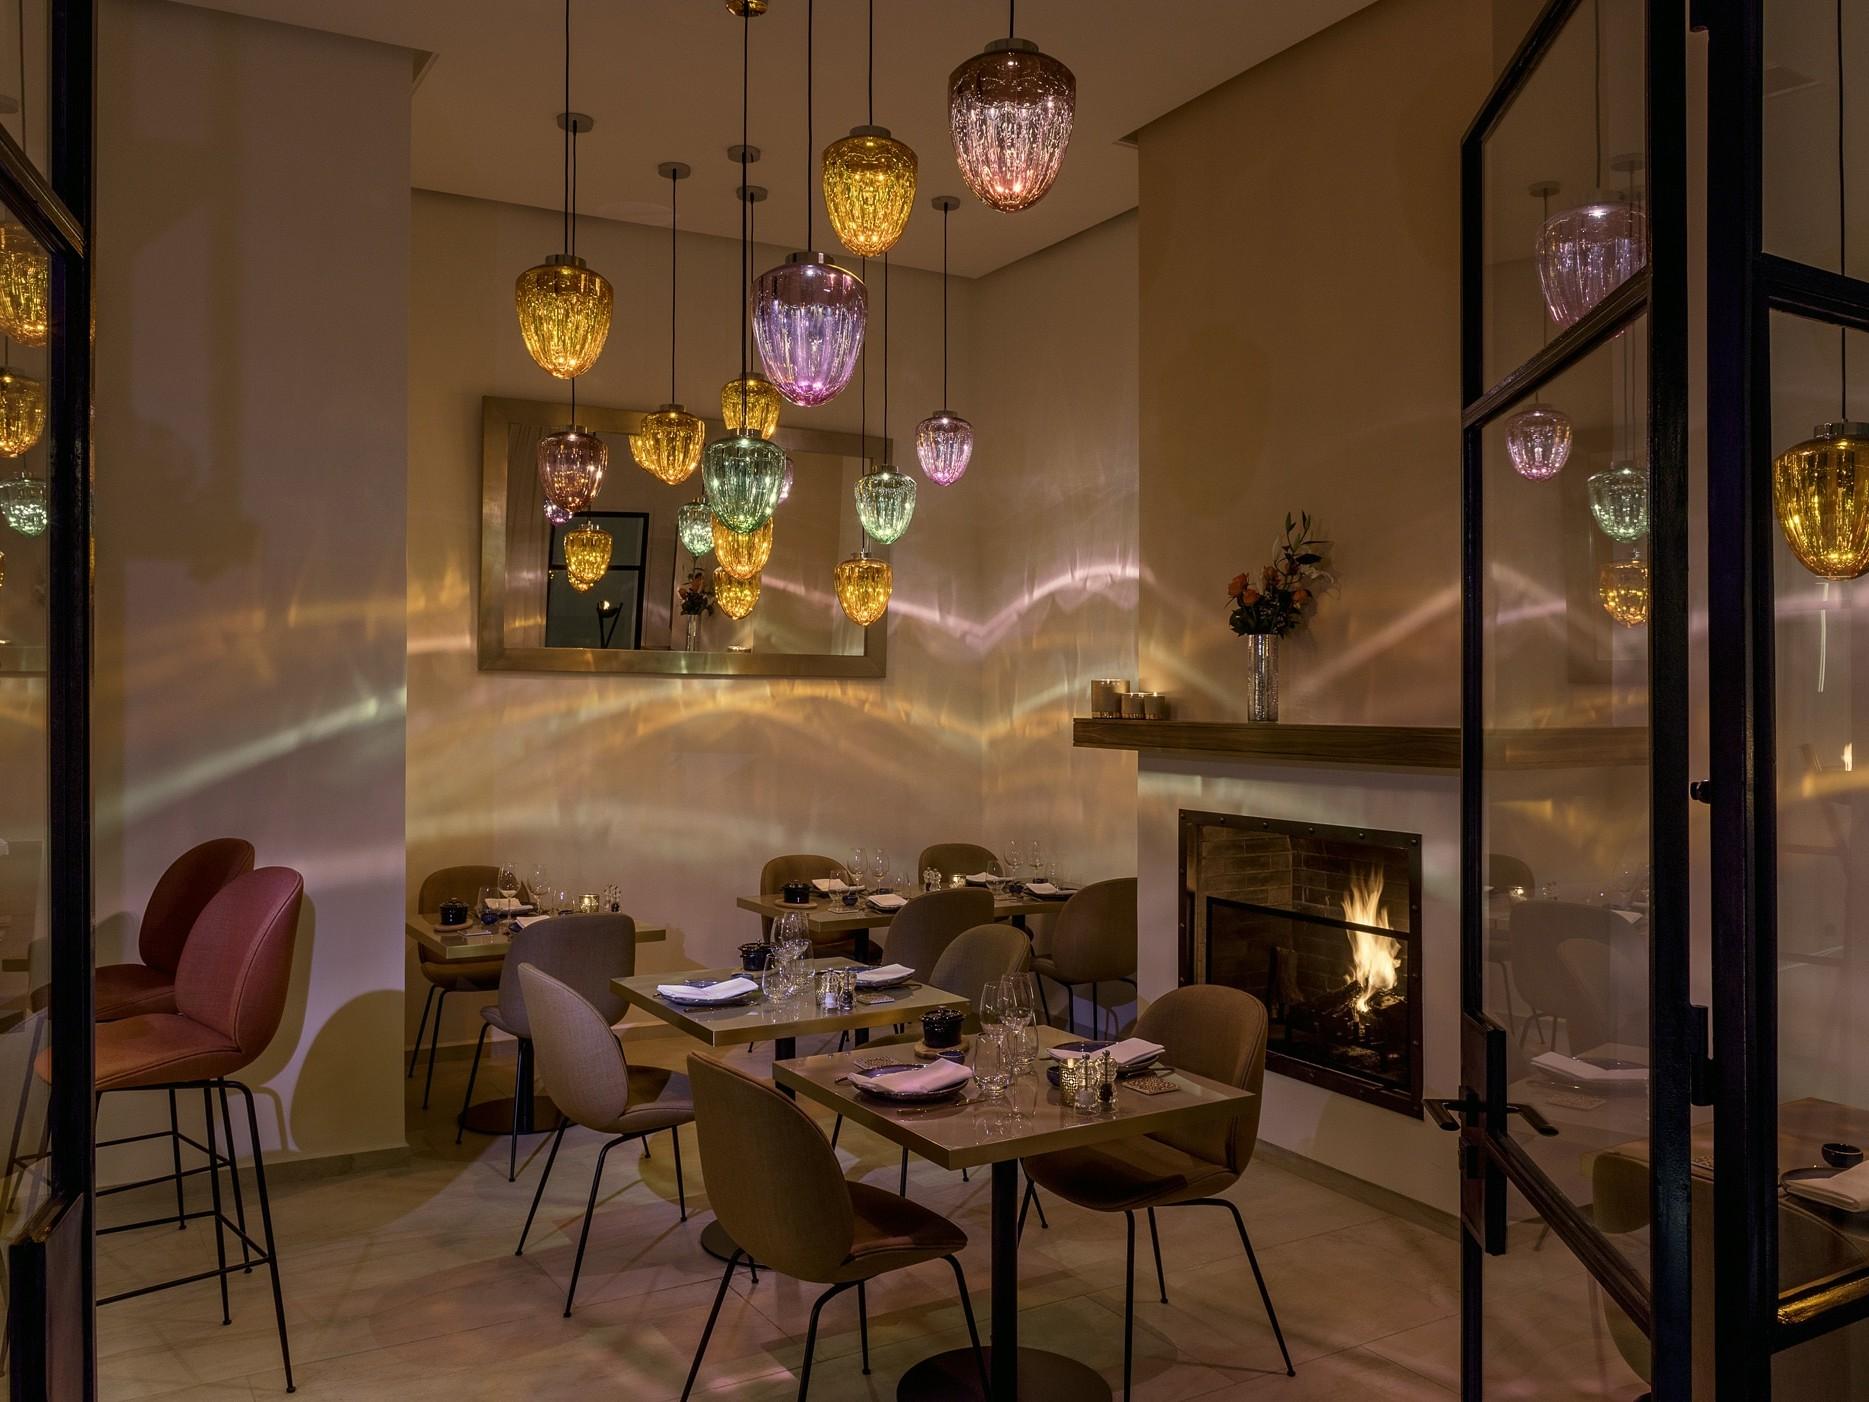 gastronomic restaurant in marrakech - hotel la brillante